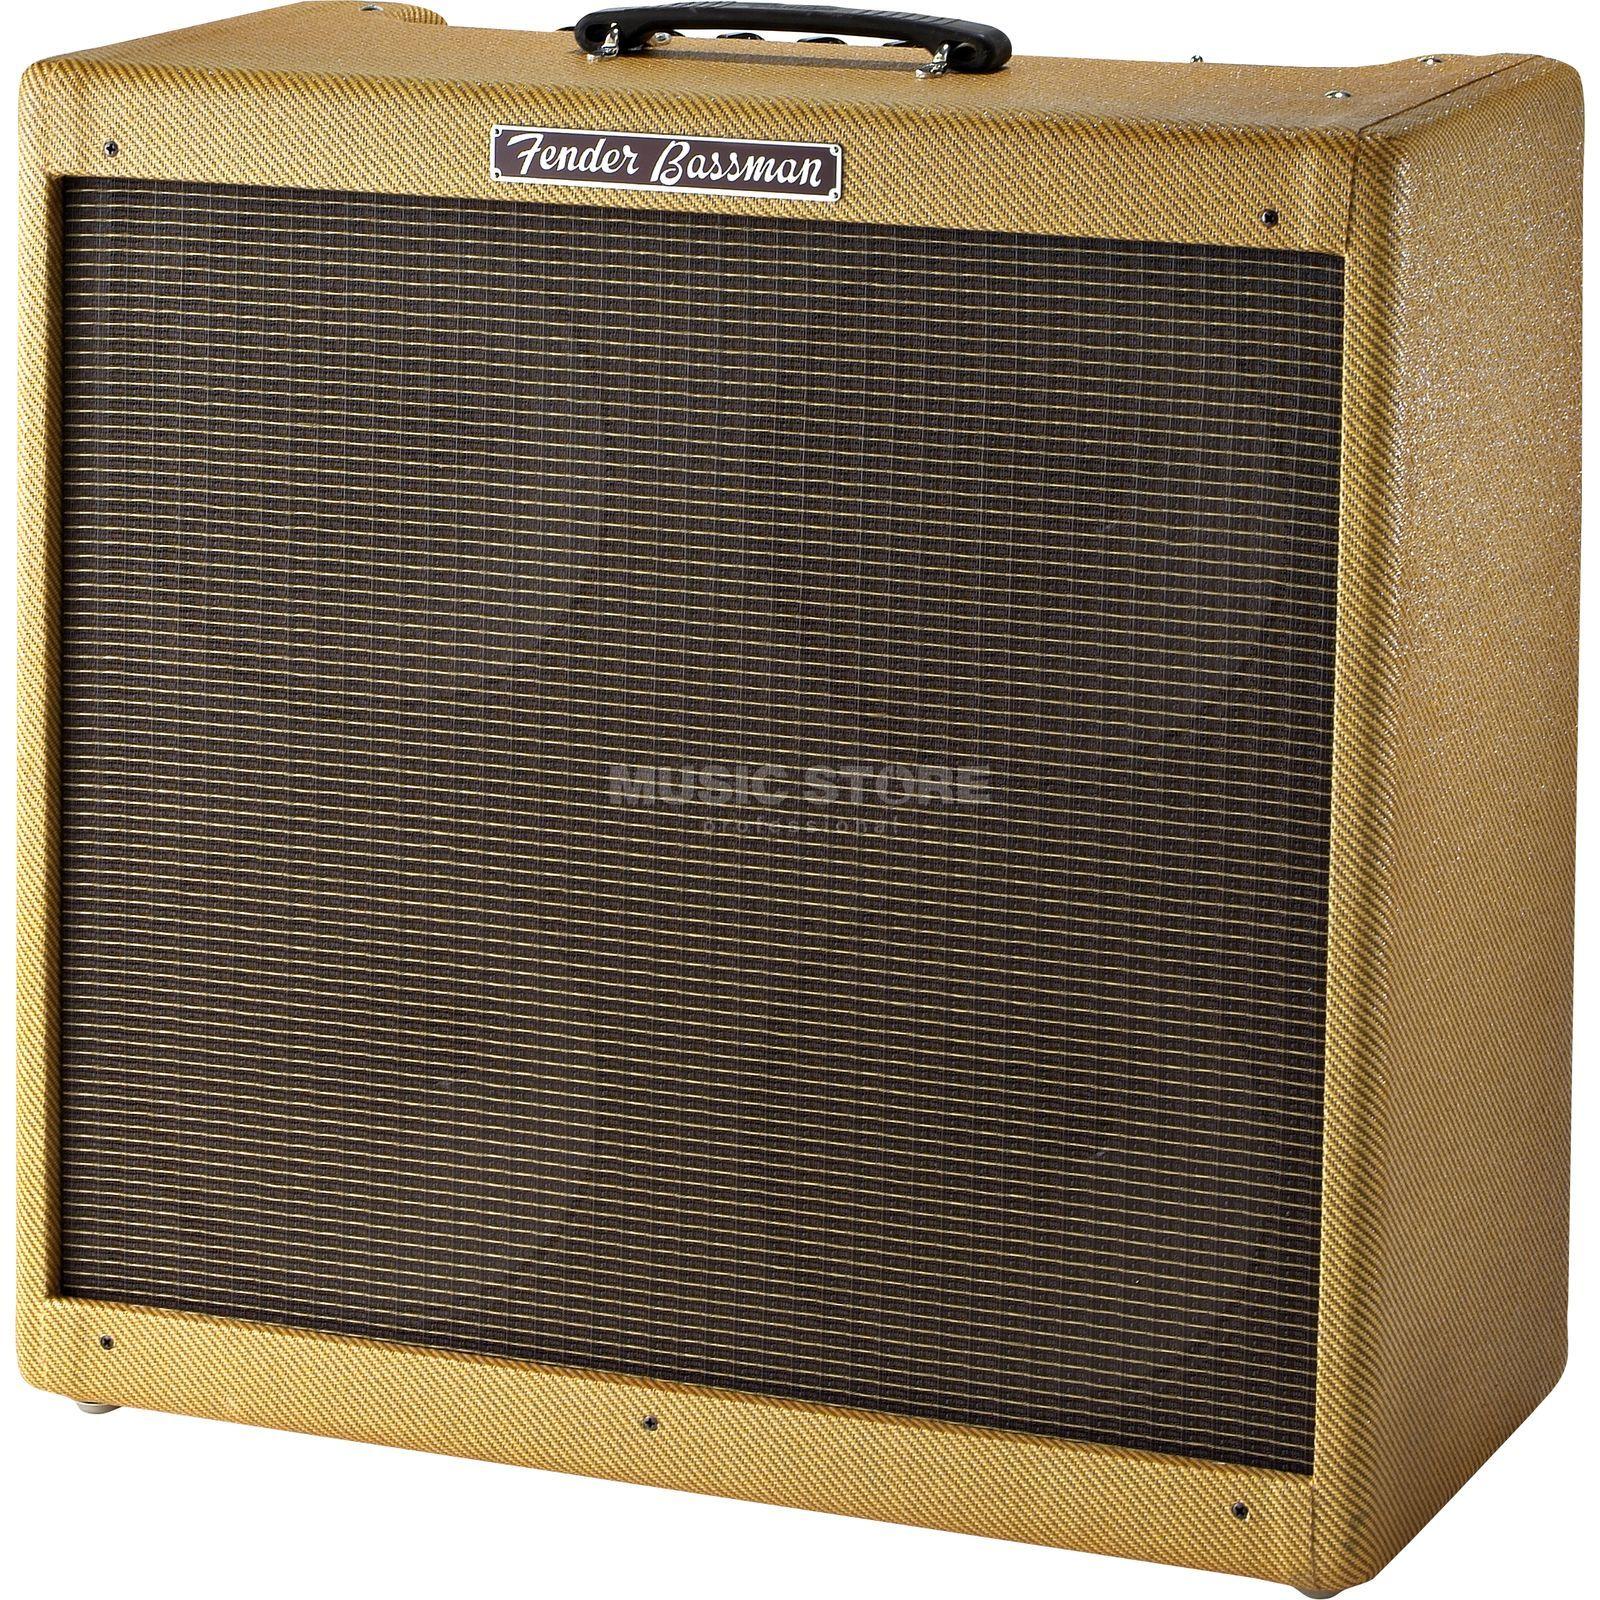 fender 39 59 bassman ltd combo. Black Bedroom Furniture Sets. Home Design Ideas